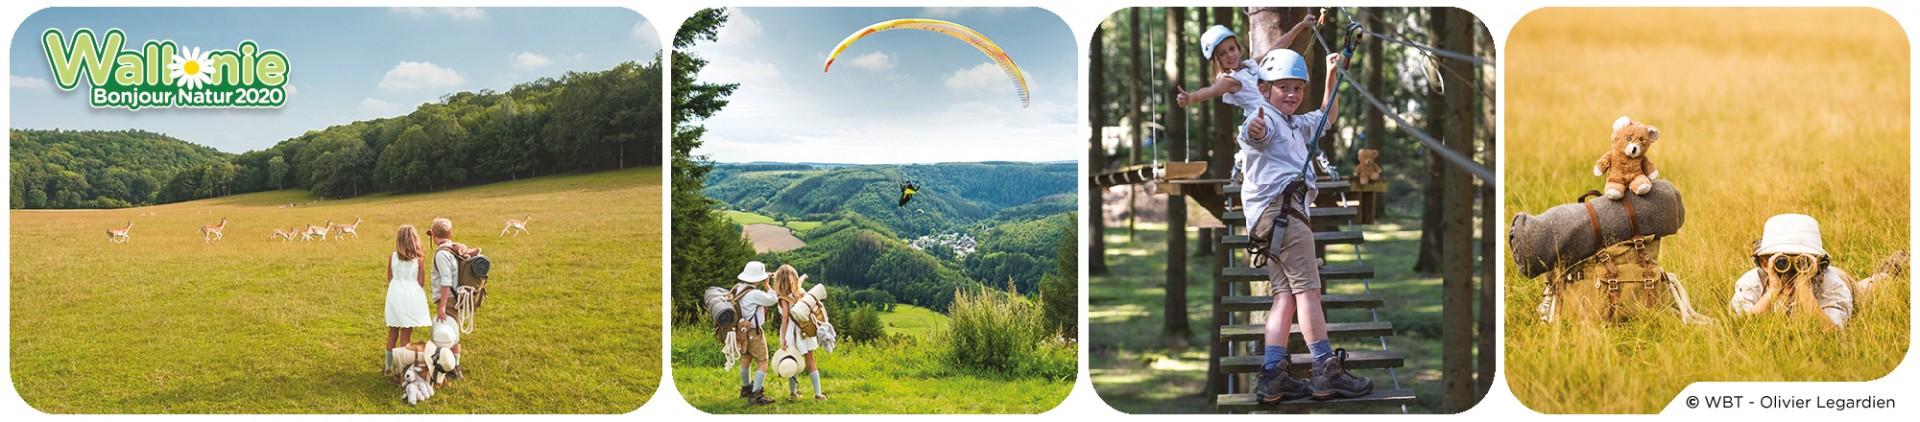 Wallonie Natur 2020